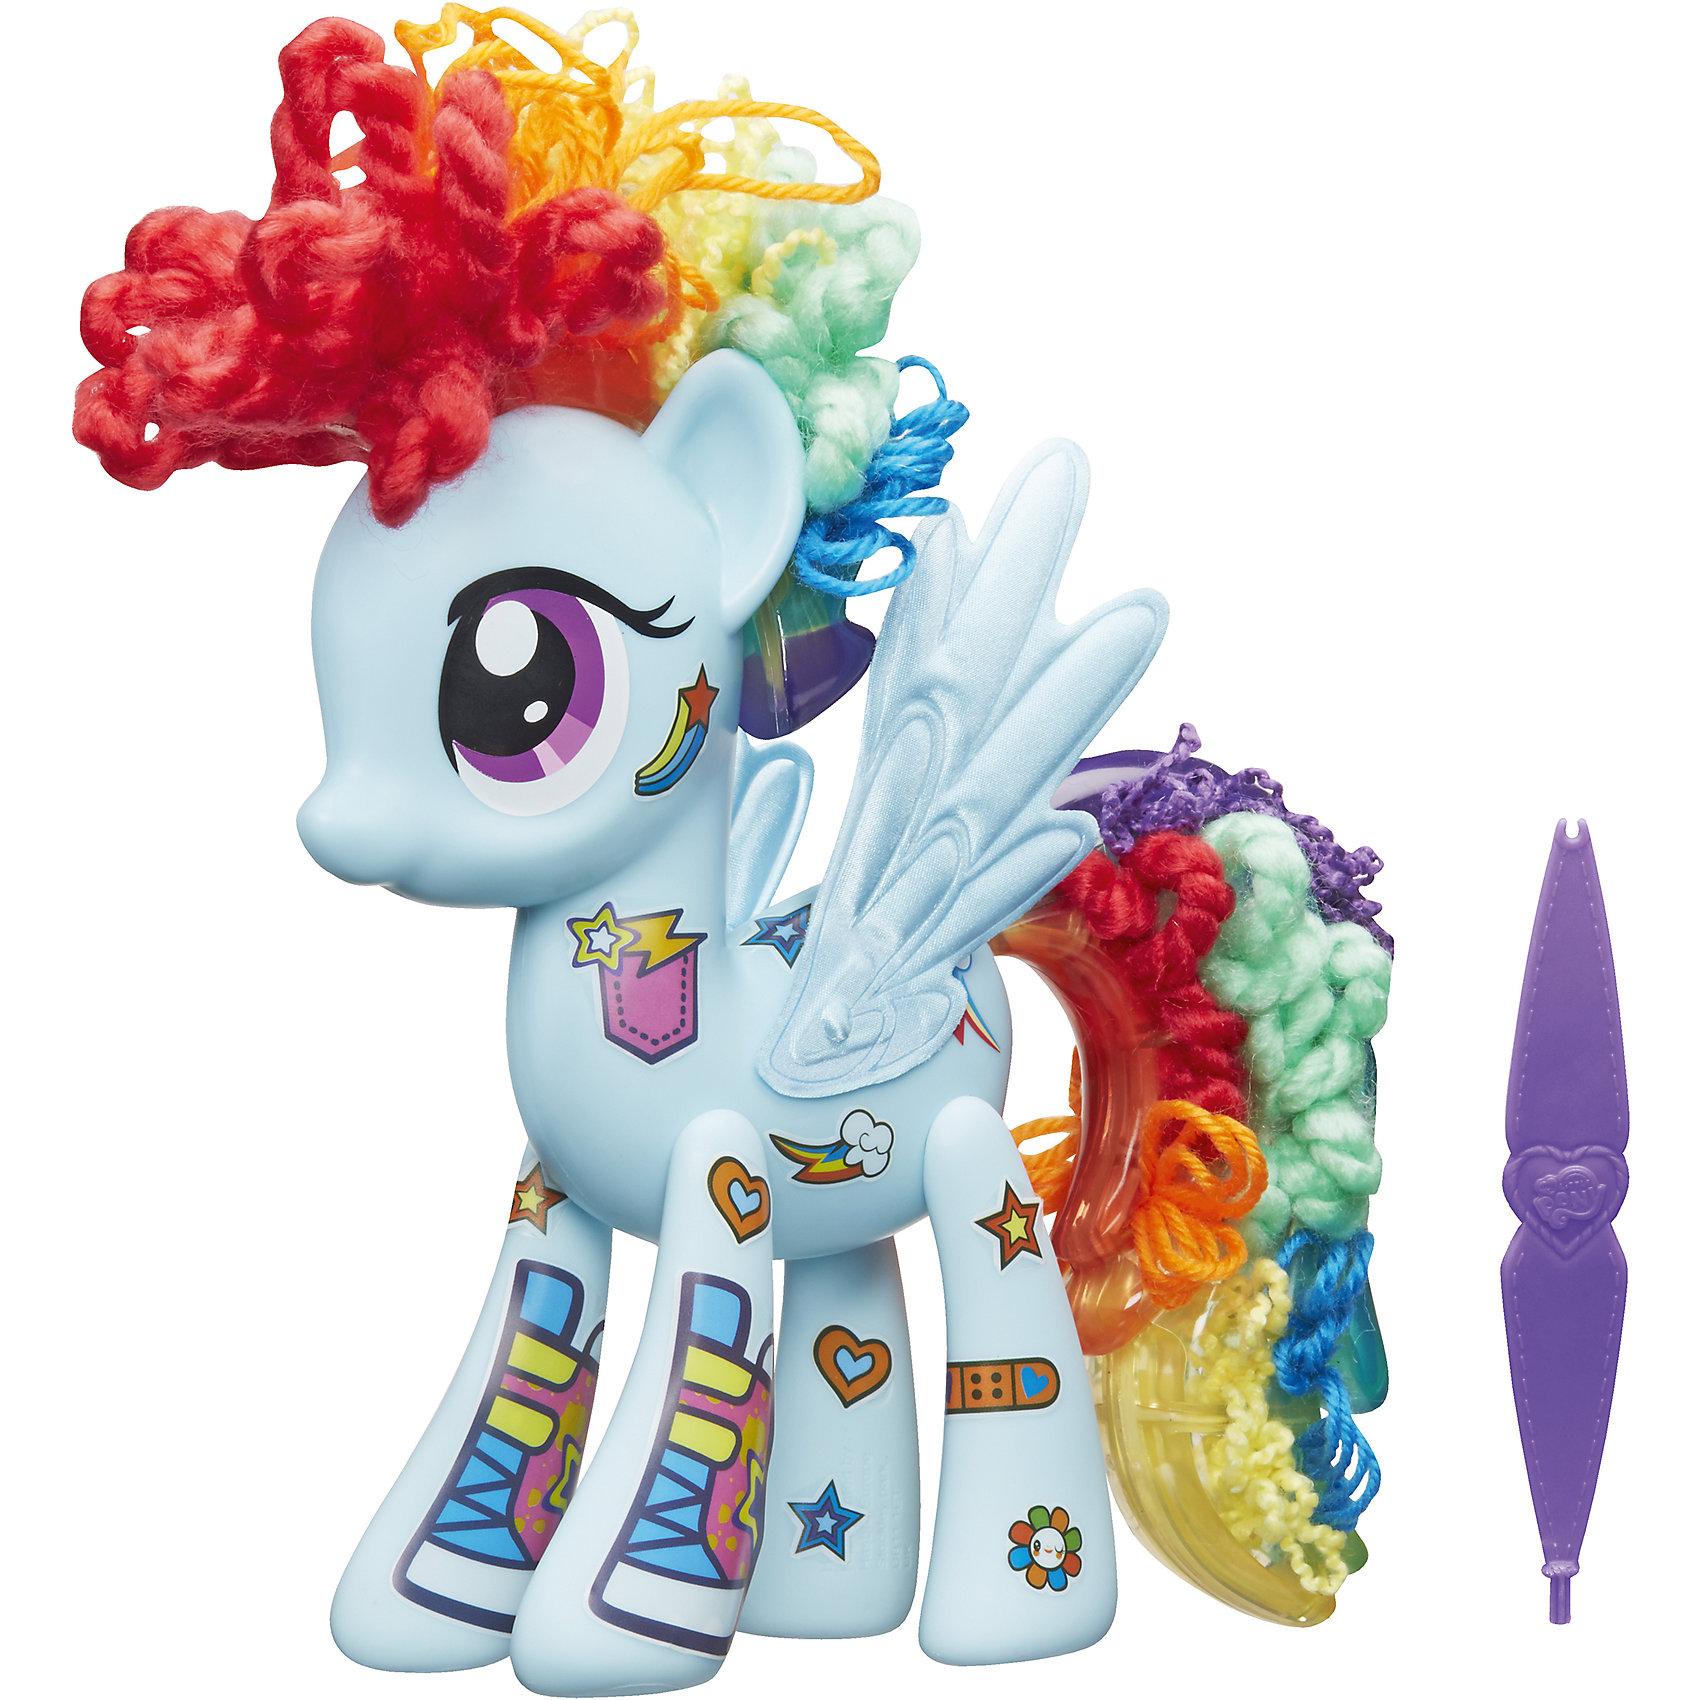 Игровой набор Создай свою пони, My little PonyХочешь создать самую красивую и необычную пони во всей Эквестрии? В наборе специальный инструмент и 100 кусочков пряди для создания уникального хвоста и гривы!<br><br>Ширина мм: 67<br>Глубина мм: 279<br>Высота мм: 279<br>Вес г: 562<br>Возраст от месяцев: 48<br>Возраст до месяцев: 144<br>Пол: Женский<br>Возраст: Детский<br>SKU: 5004432